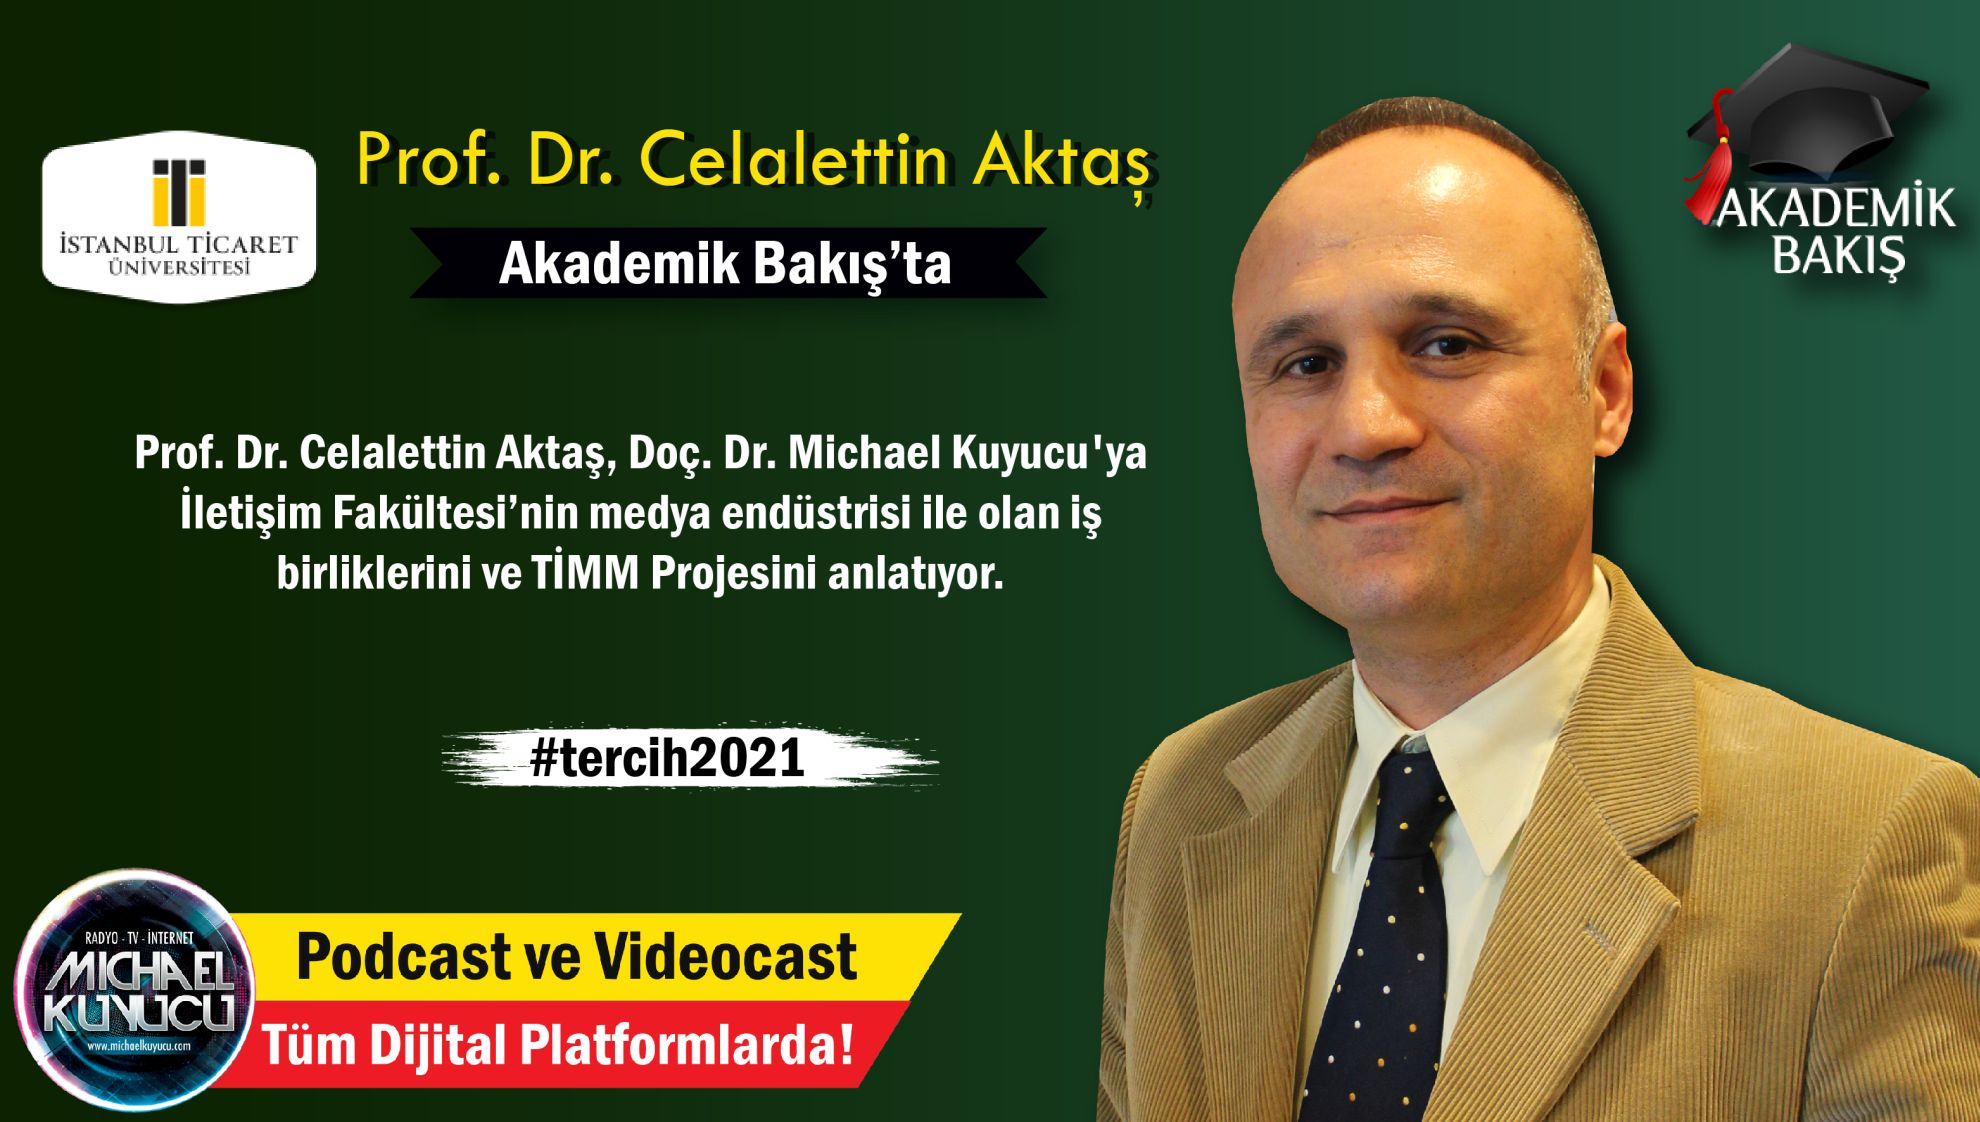 Prof. Dr. Celalettin Aktaş: Türkiye'de İlk Kez Bir İletişim Fakültesi Dergisi Piyasada